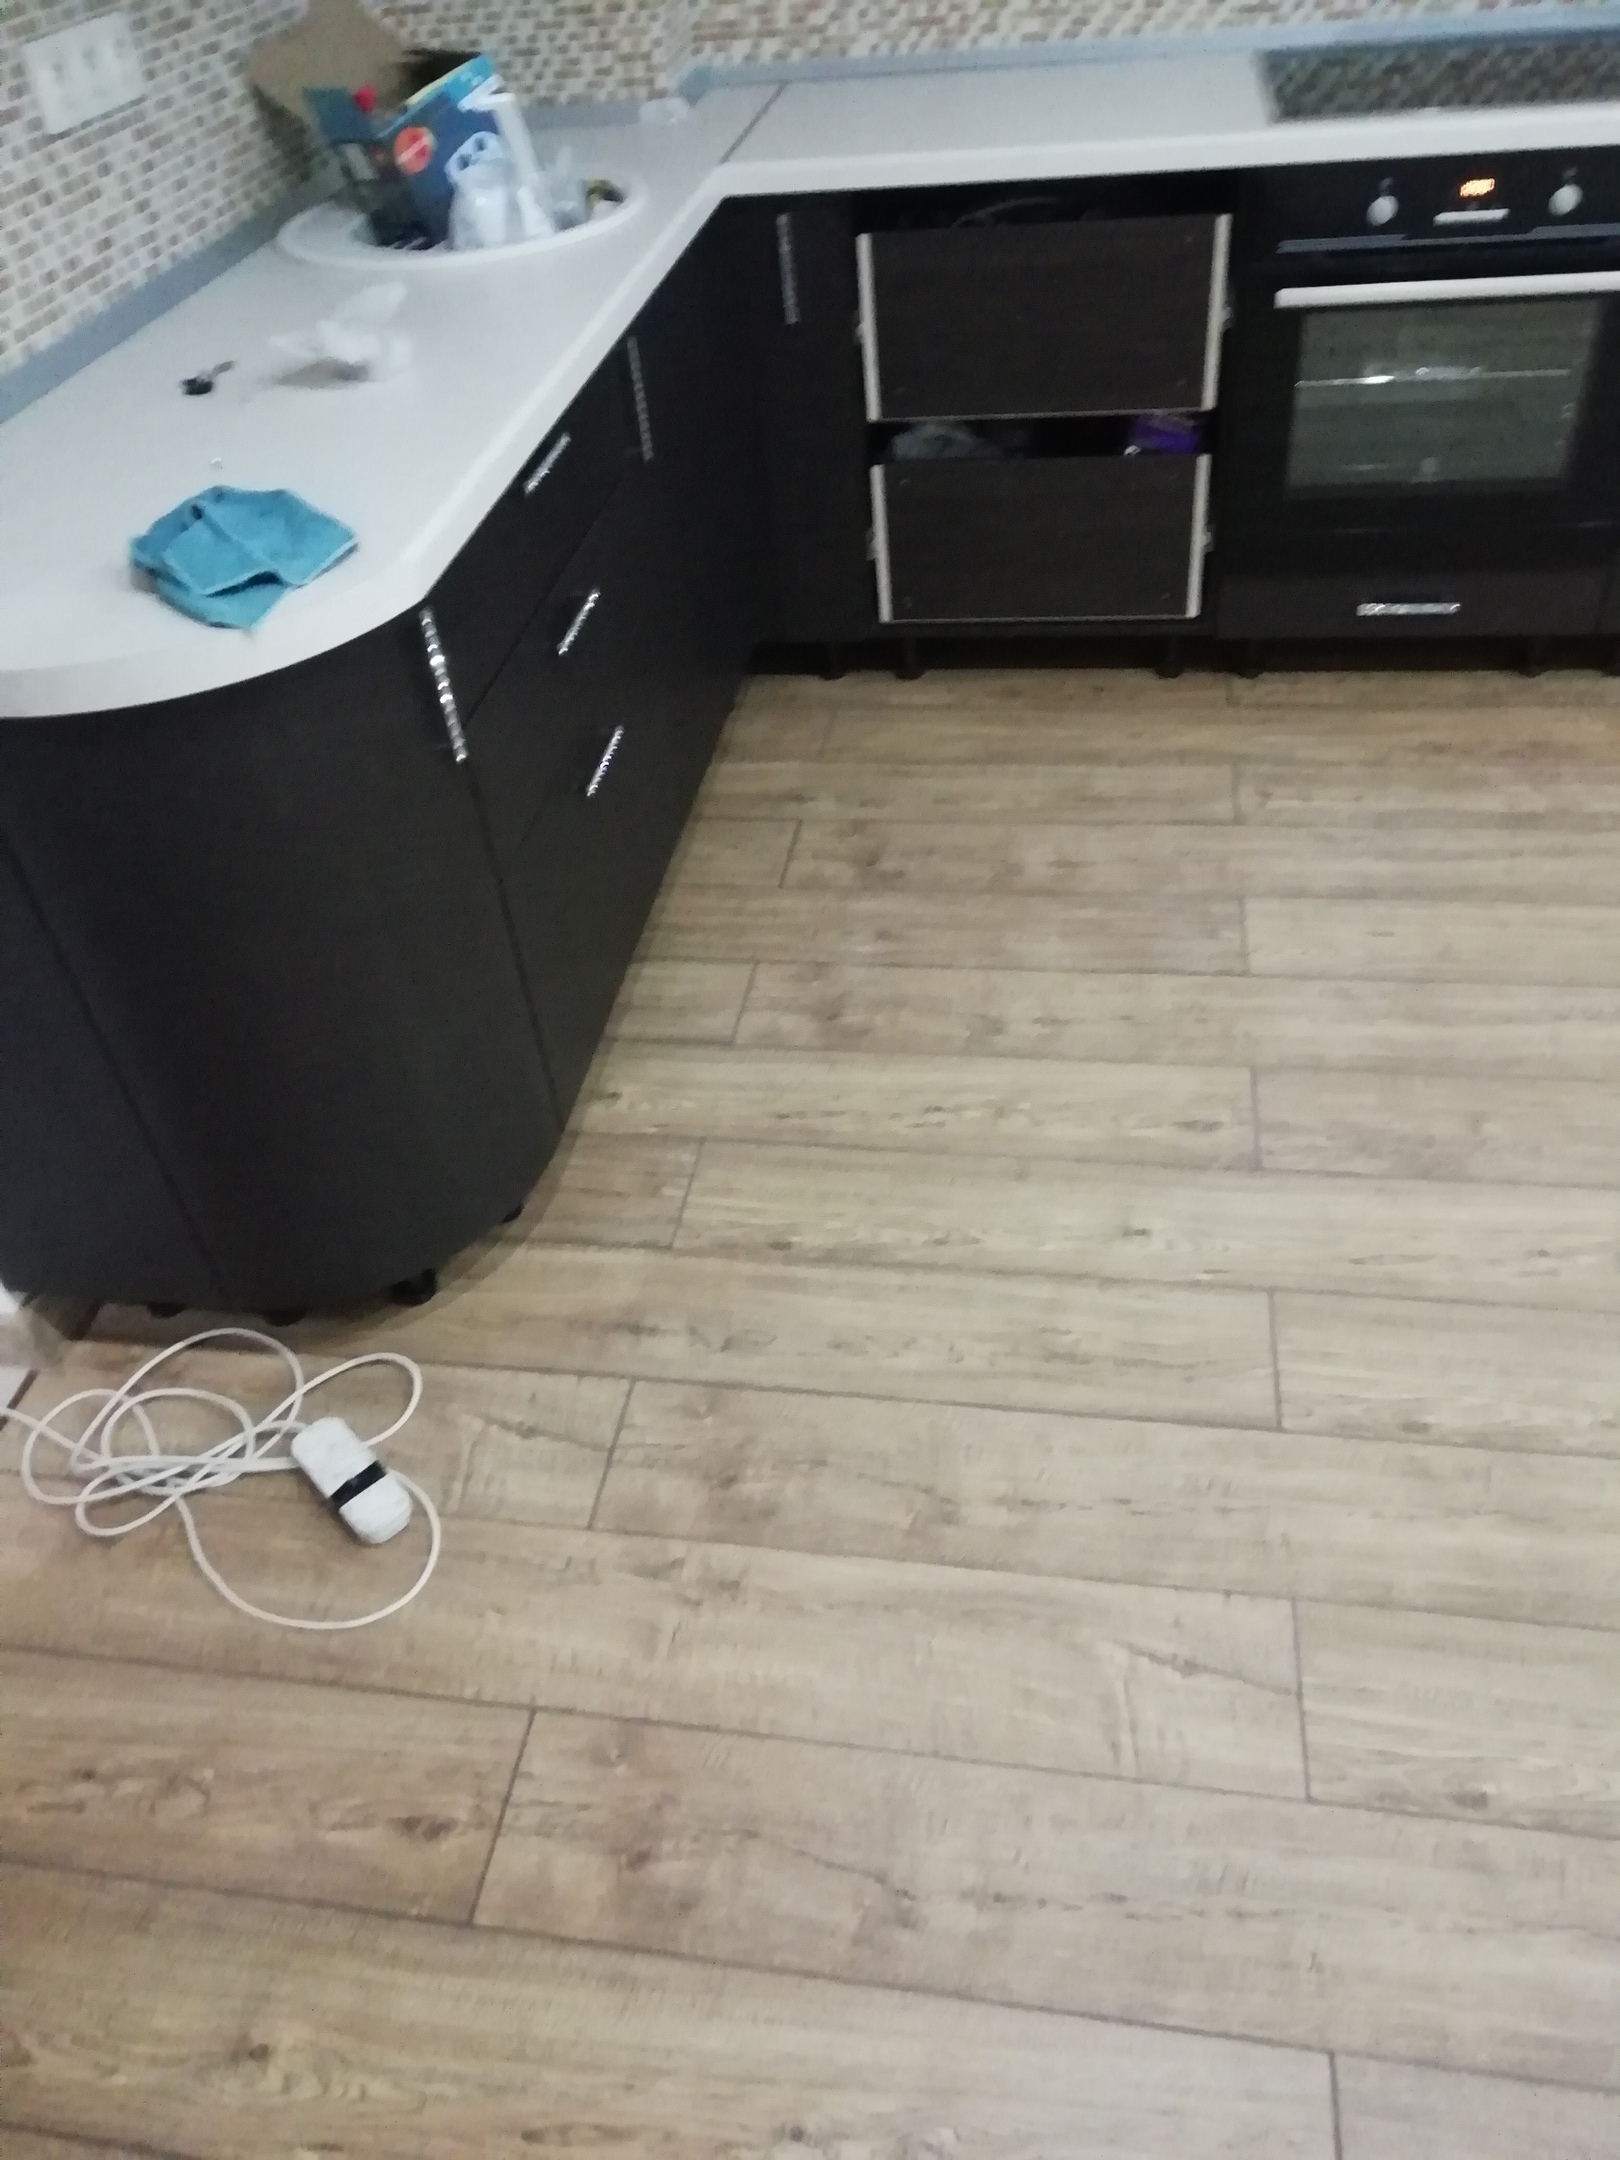 Квартира после уборки